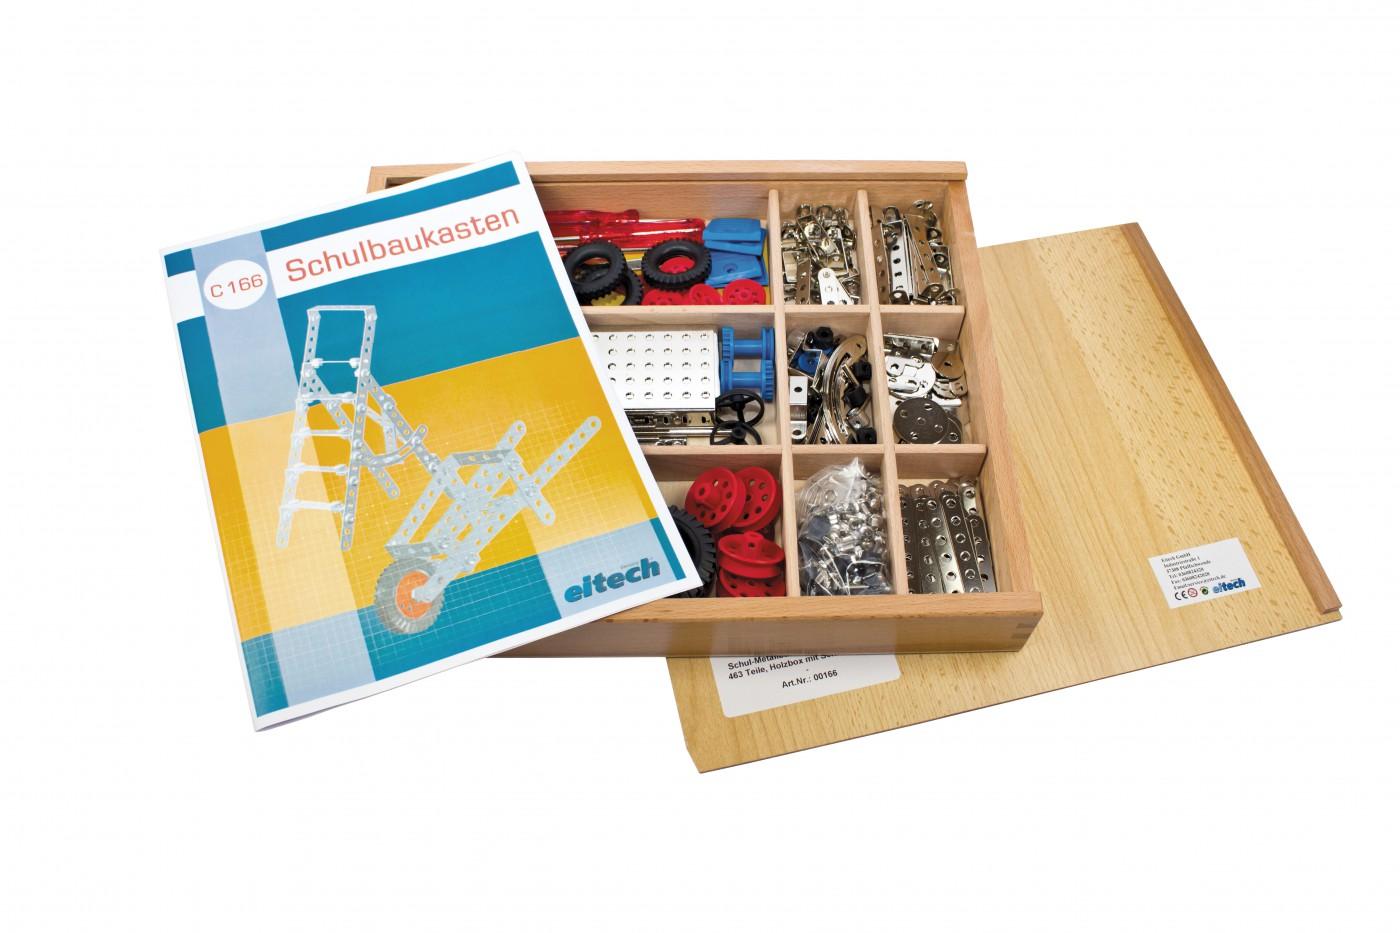 Schul-Metallbaukasten für 2 Schüler, Holzbox mit Schiebedeckel